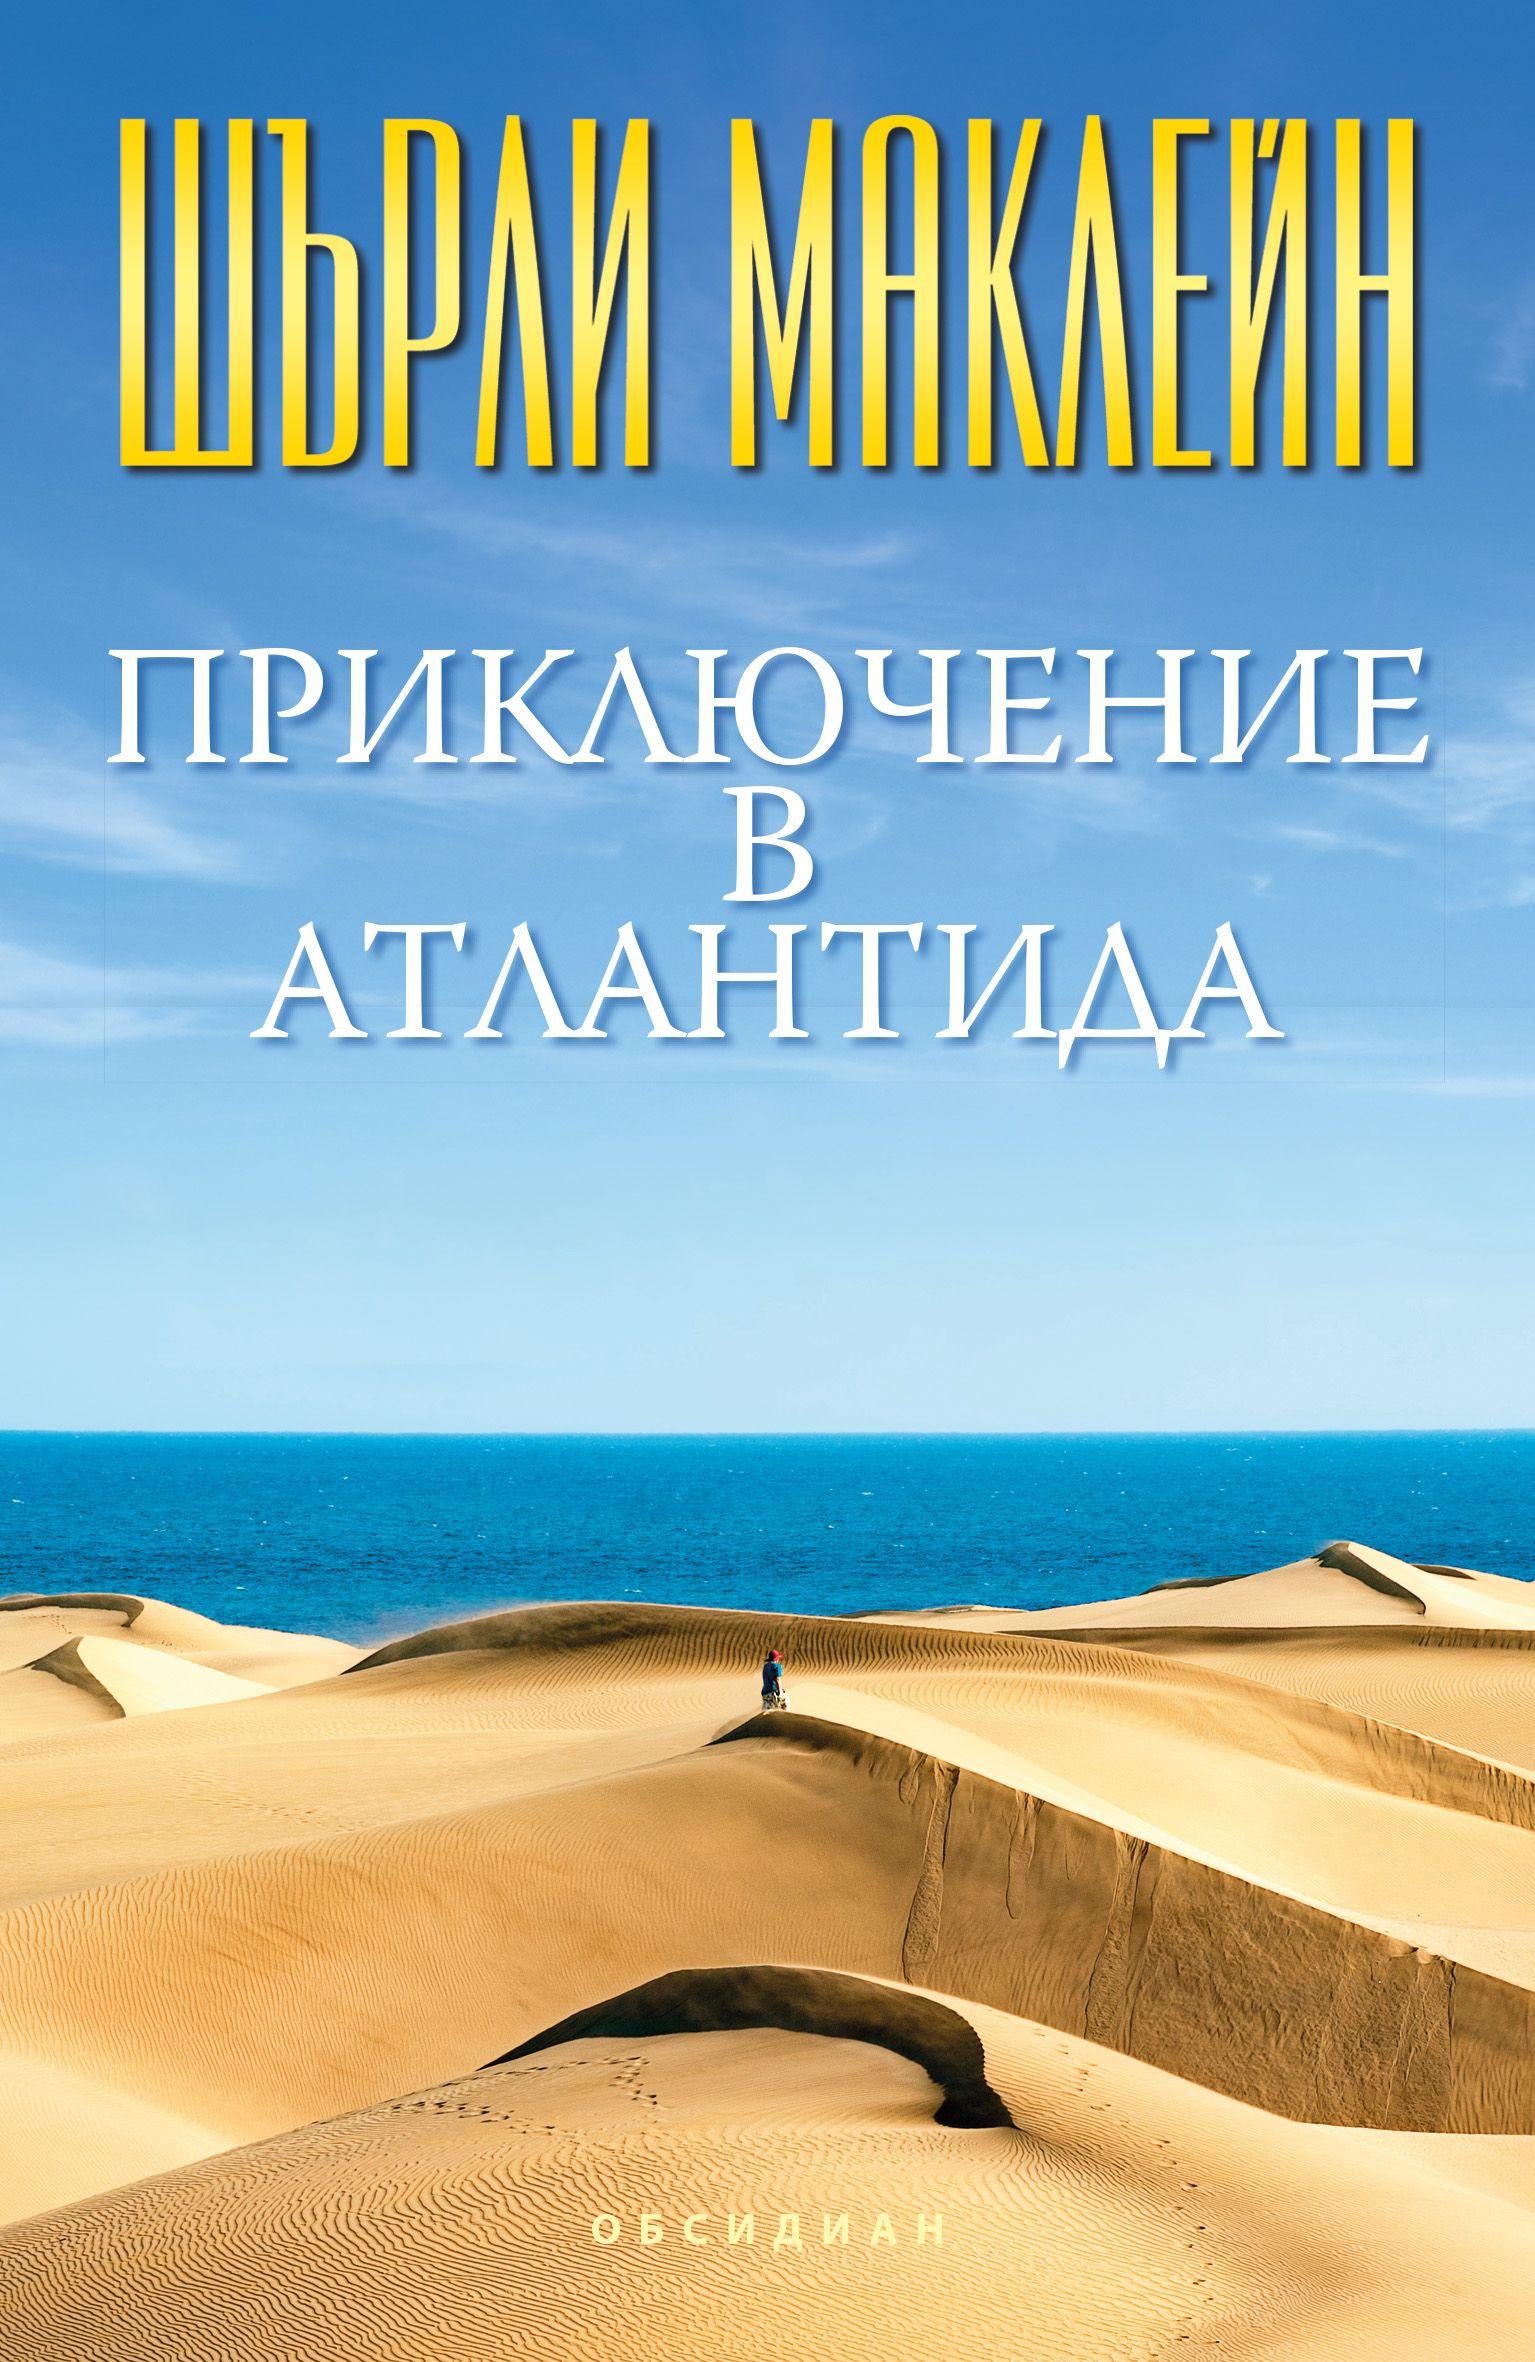 priklyucheniya-v-atlantida - 1